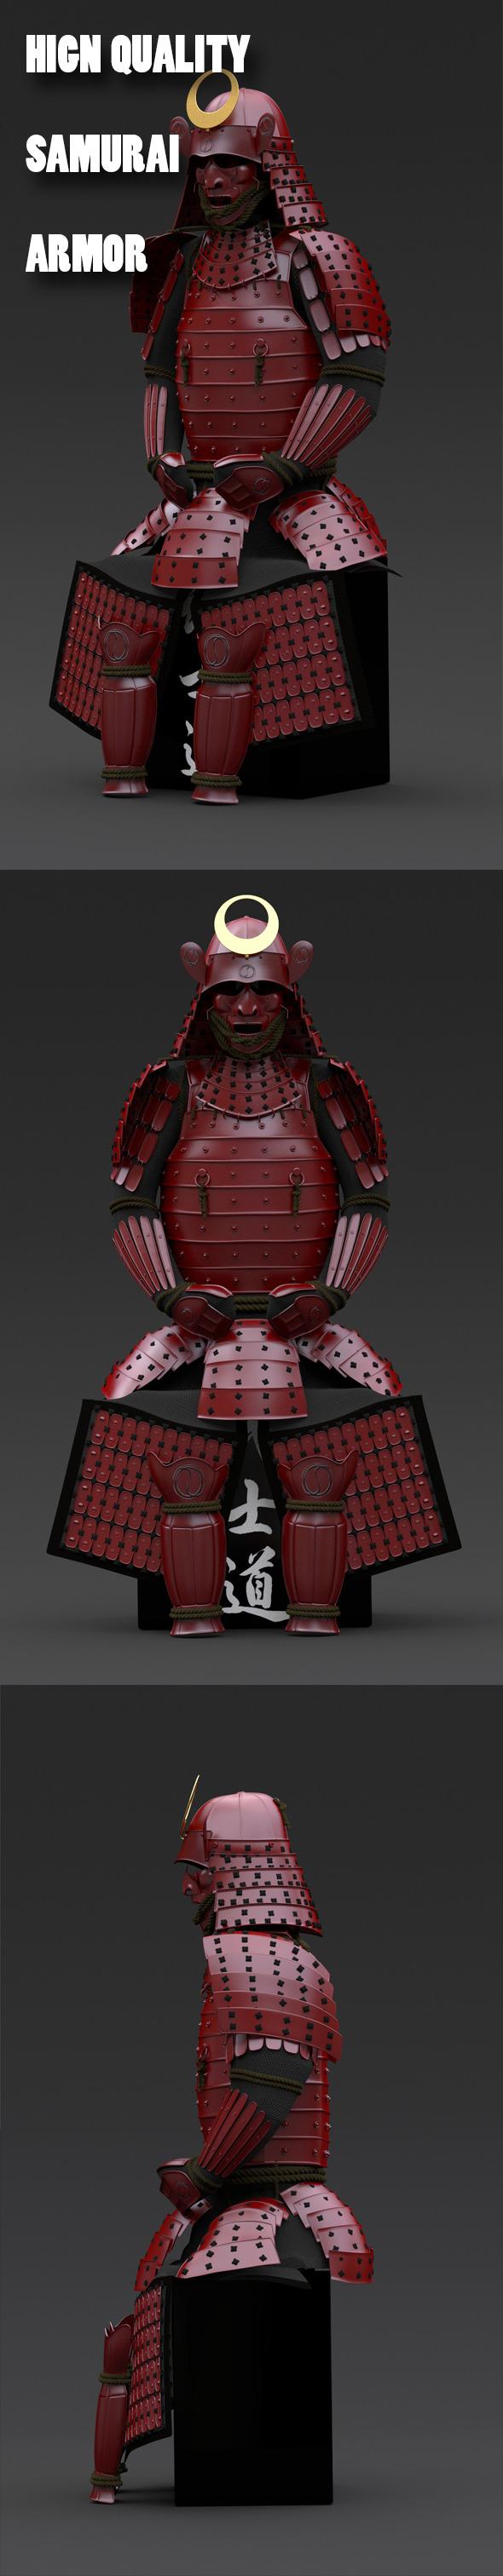 3DOcean Samurai Armor 3558093